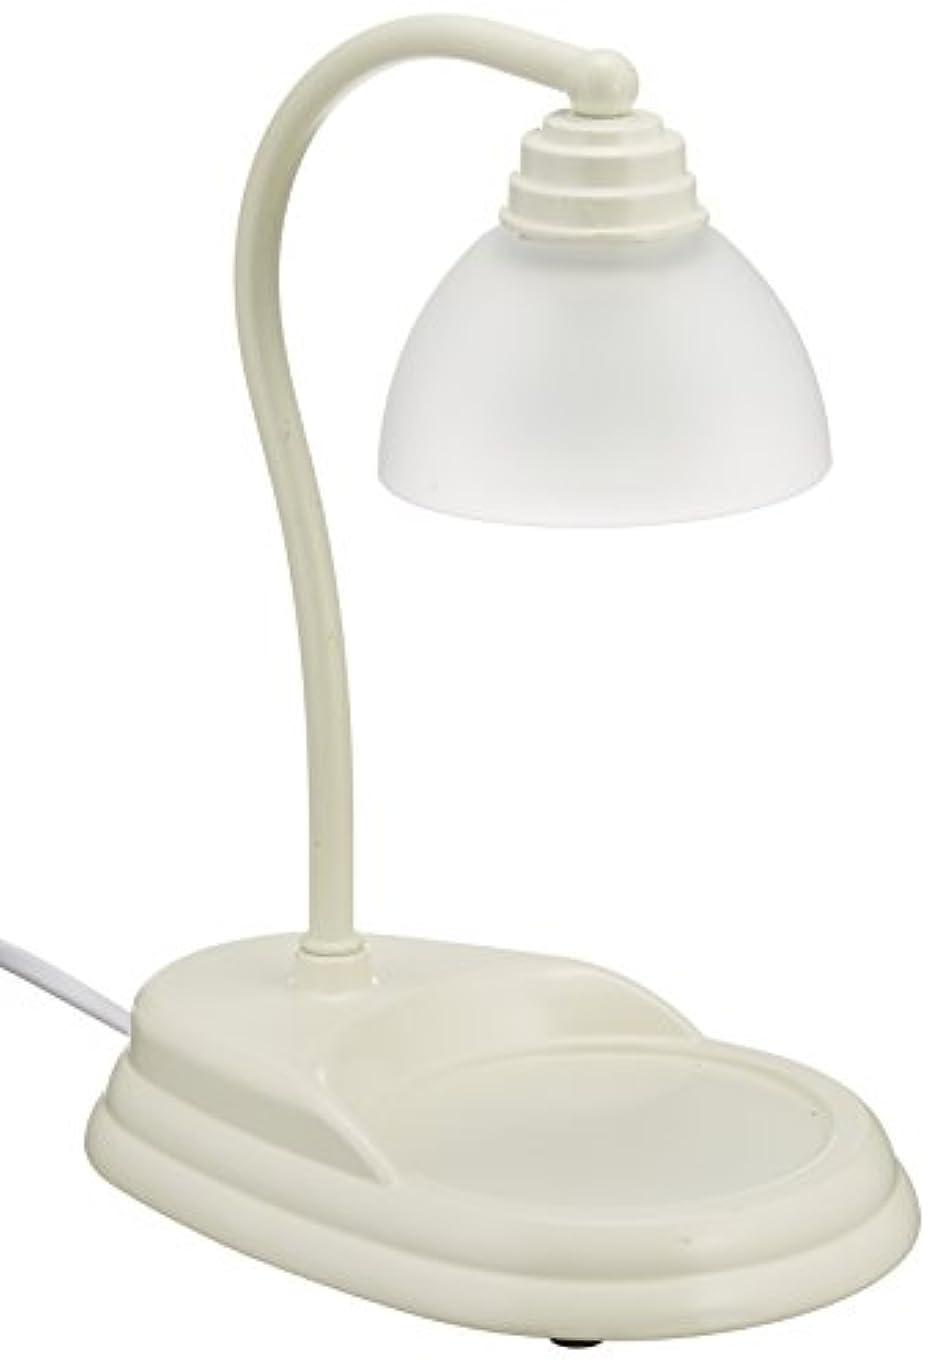 極めて重要な辛いつらい電球の熱でキャンドルを溶かして香りを楽しむ電気スタンド キャンドルウォーマーランプ (ホワイト)